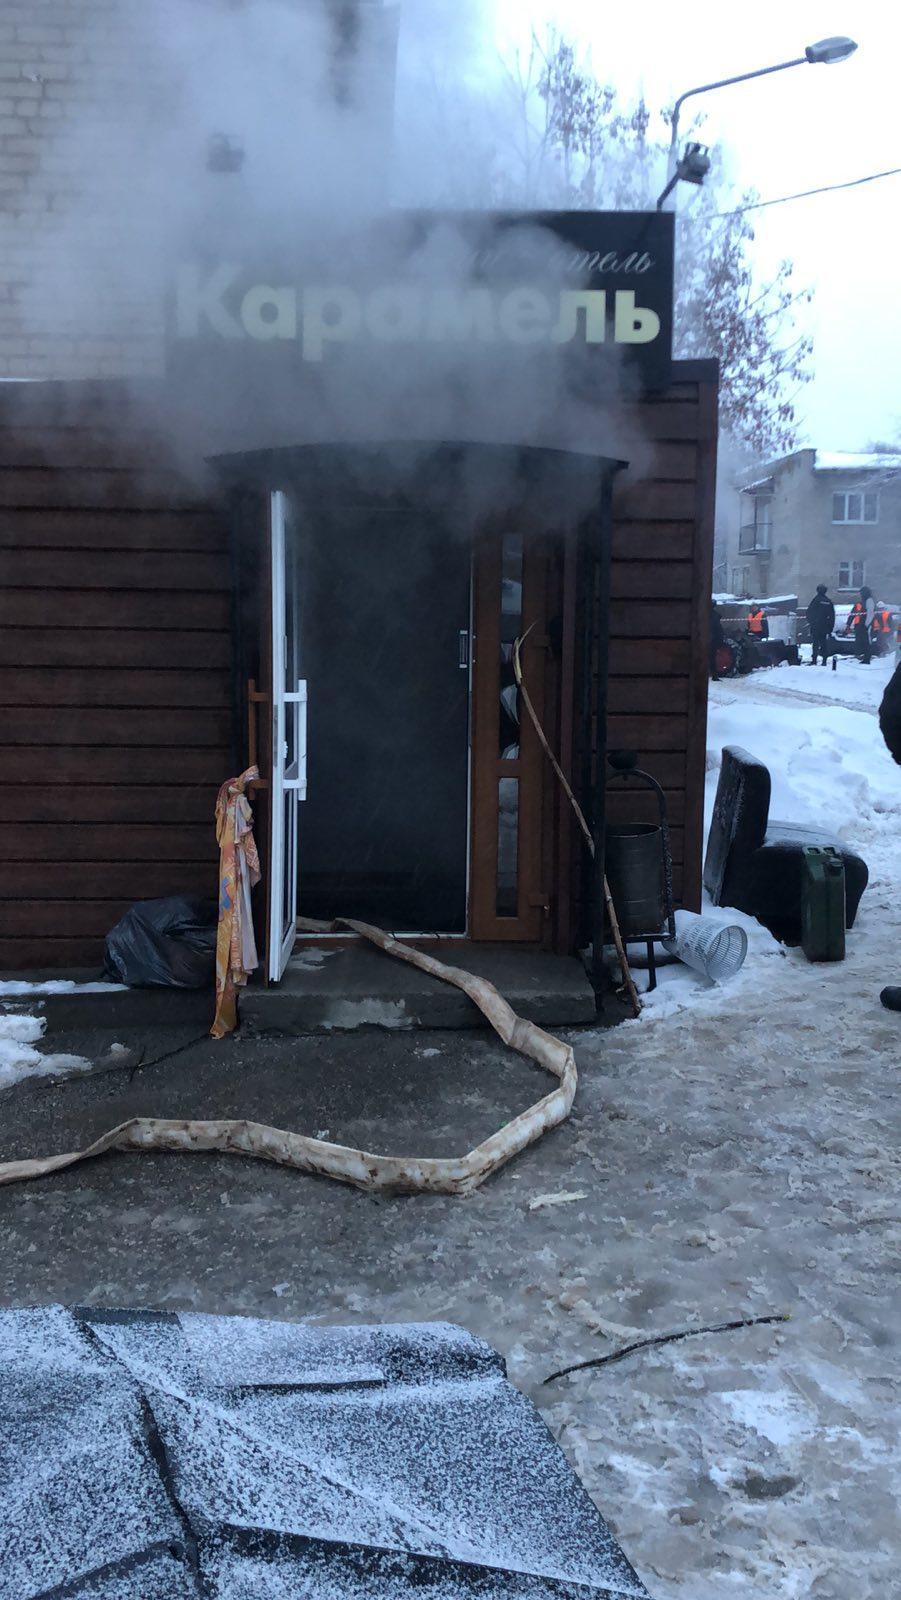 Также ожоги получили два спасателя / СК РФ